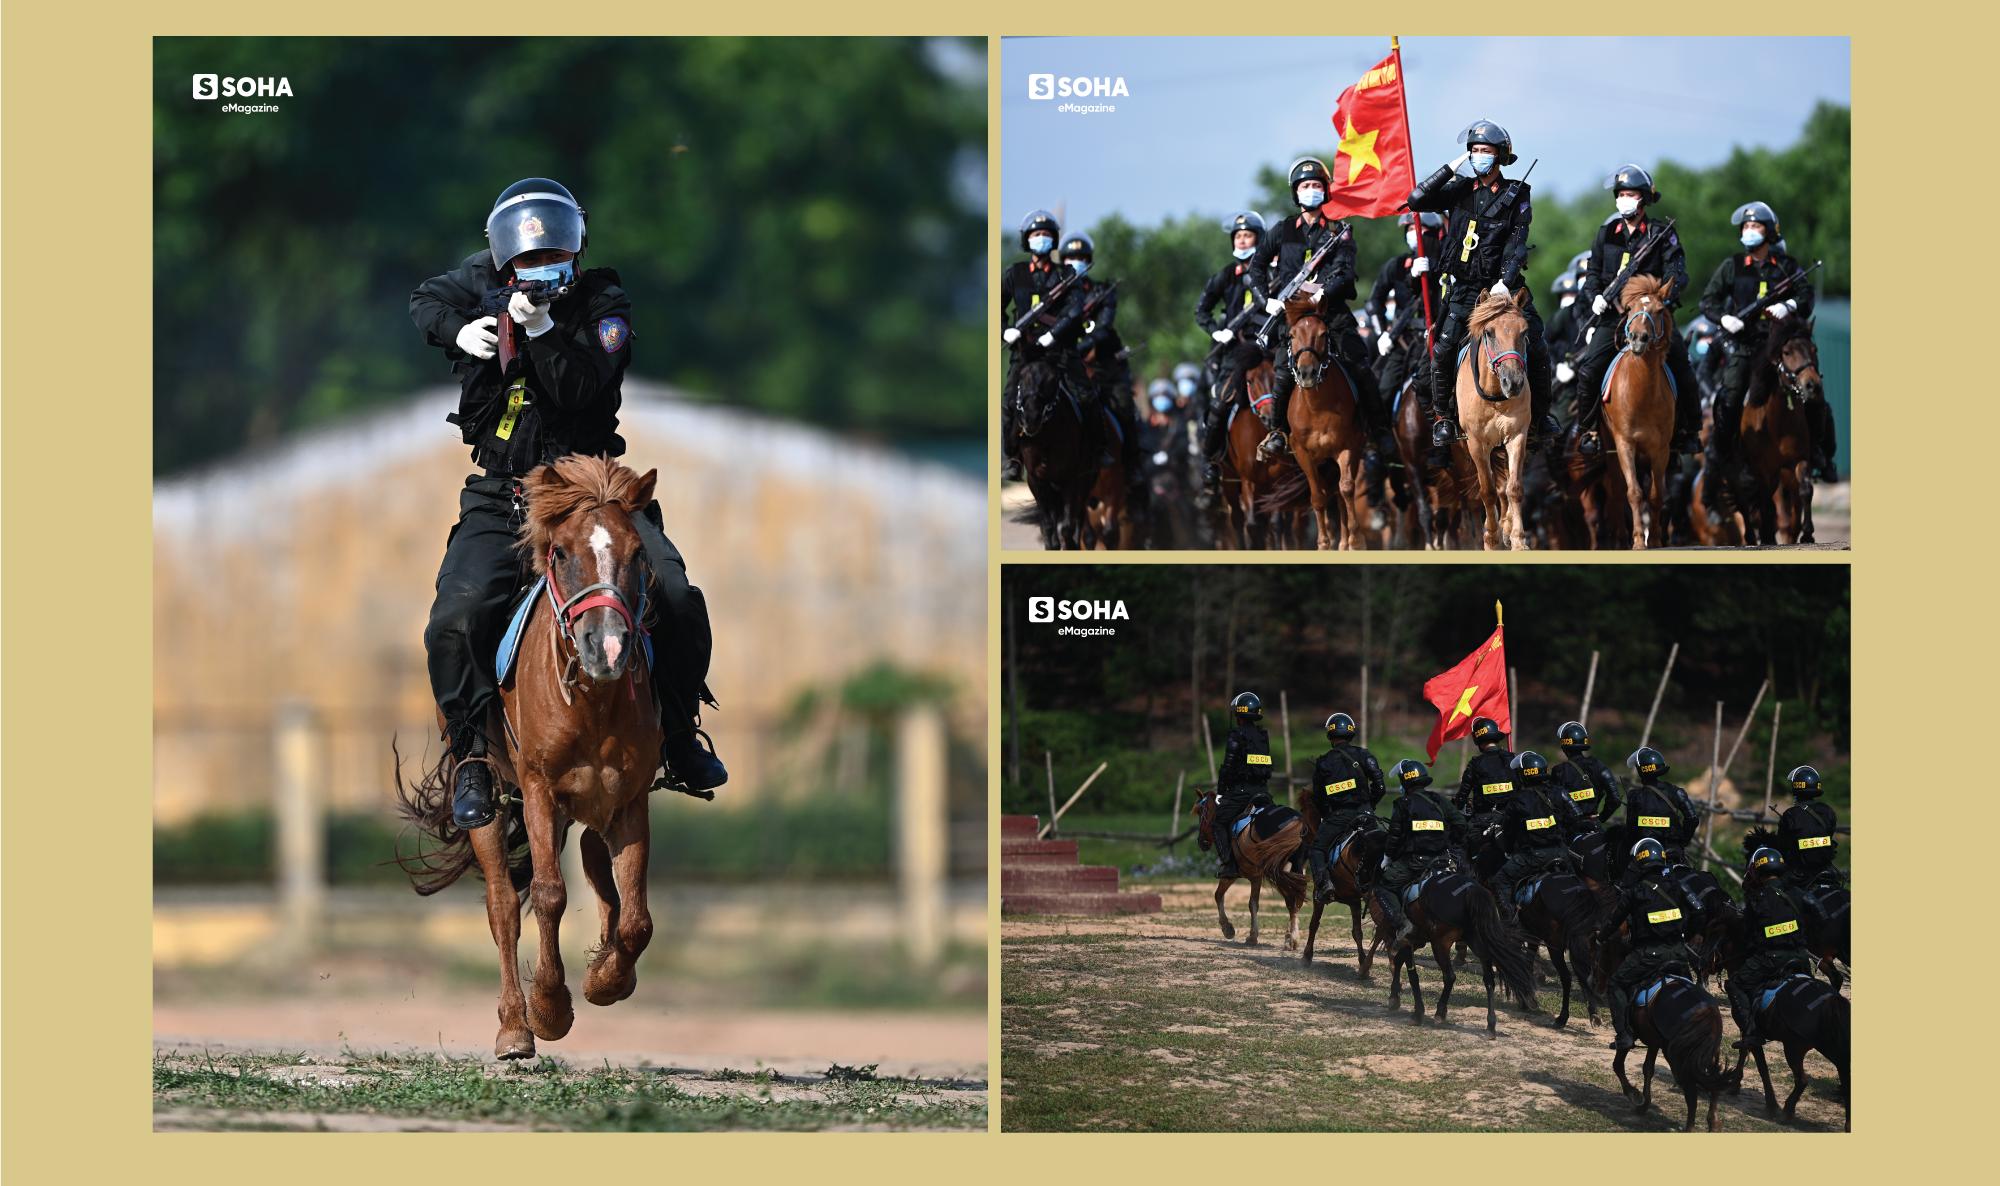 """Trung tướng Phạm Quốc Cương: """"Cảnh sát cơ động sẽ được trang bị máy bay, tàu thủy"""" - Ảnh 9."""